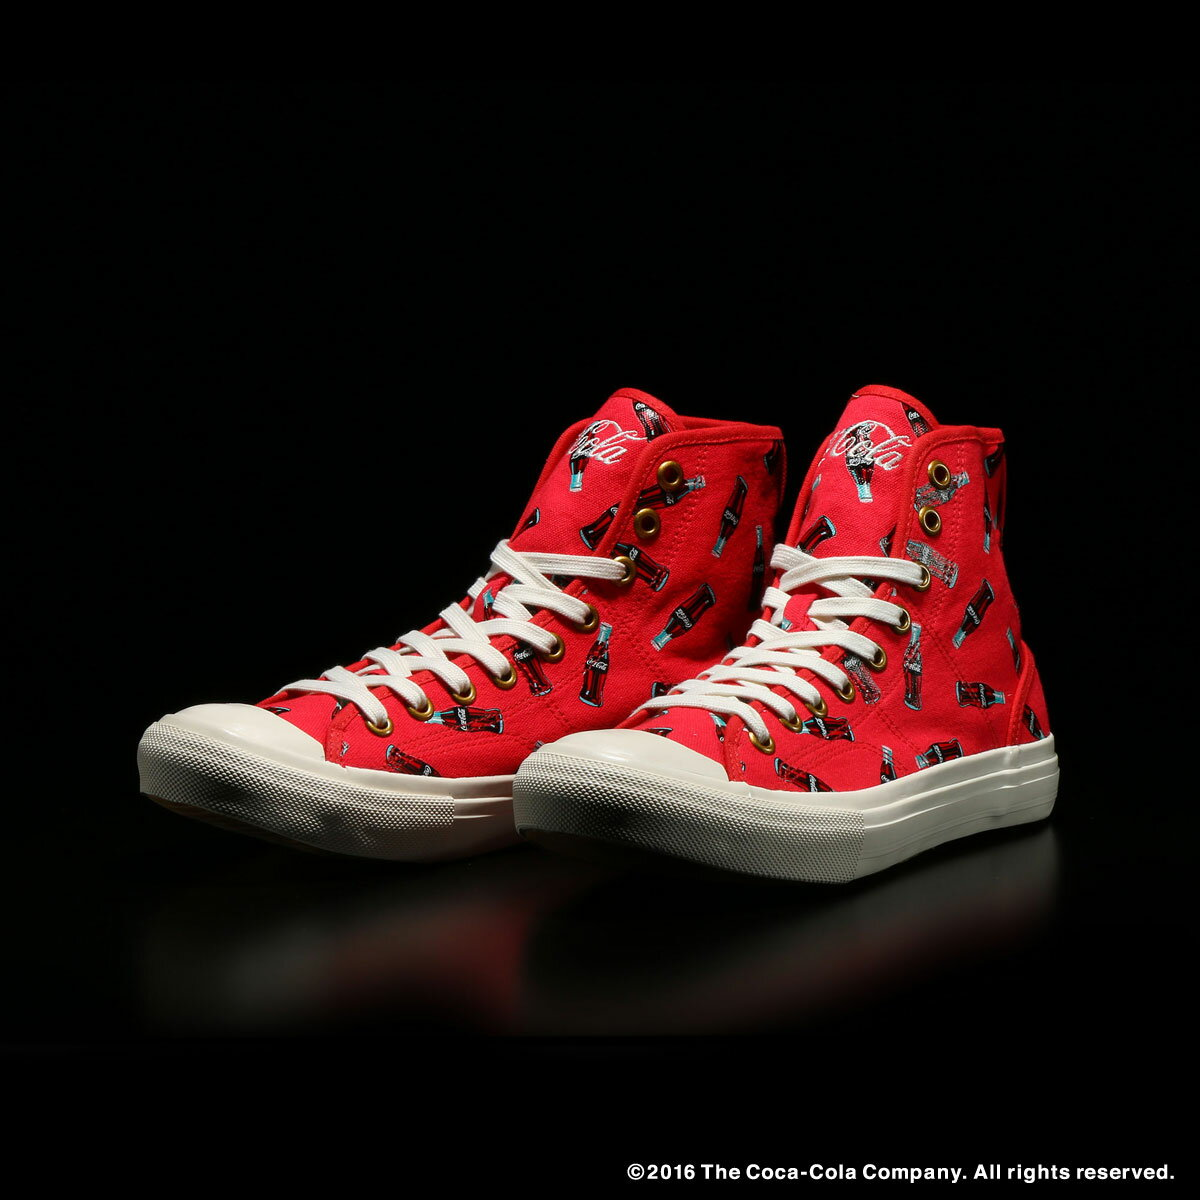 UBIQ×COCA-COLA NATHELIE H(ユービック×コカコーラ ナタリー H)RED【メンズ レディース スニーカー】16FW-S